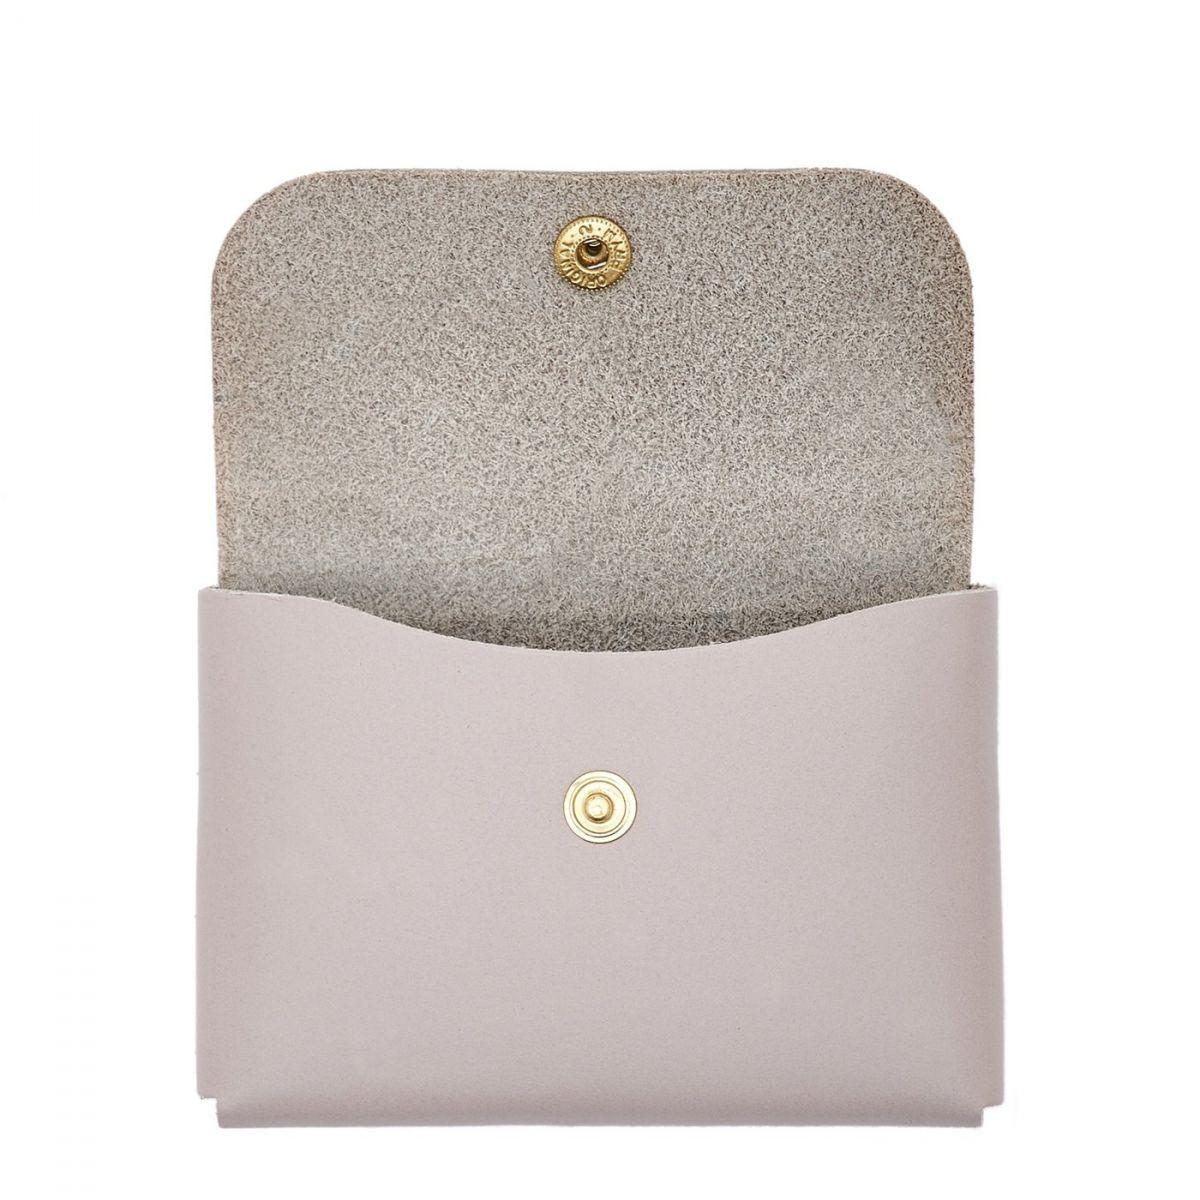 Card Case in Cowhide Double Leather color Mauve - SCC032 | Details